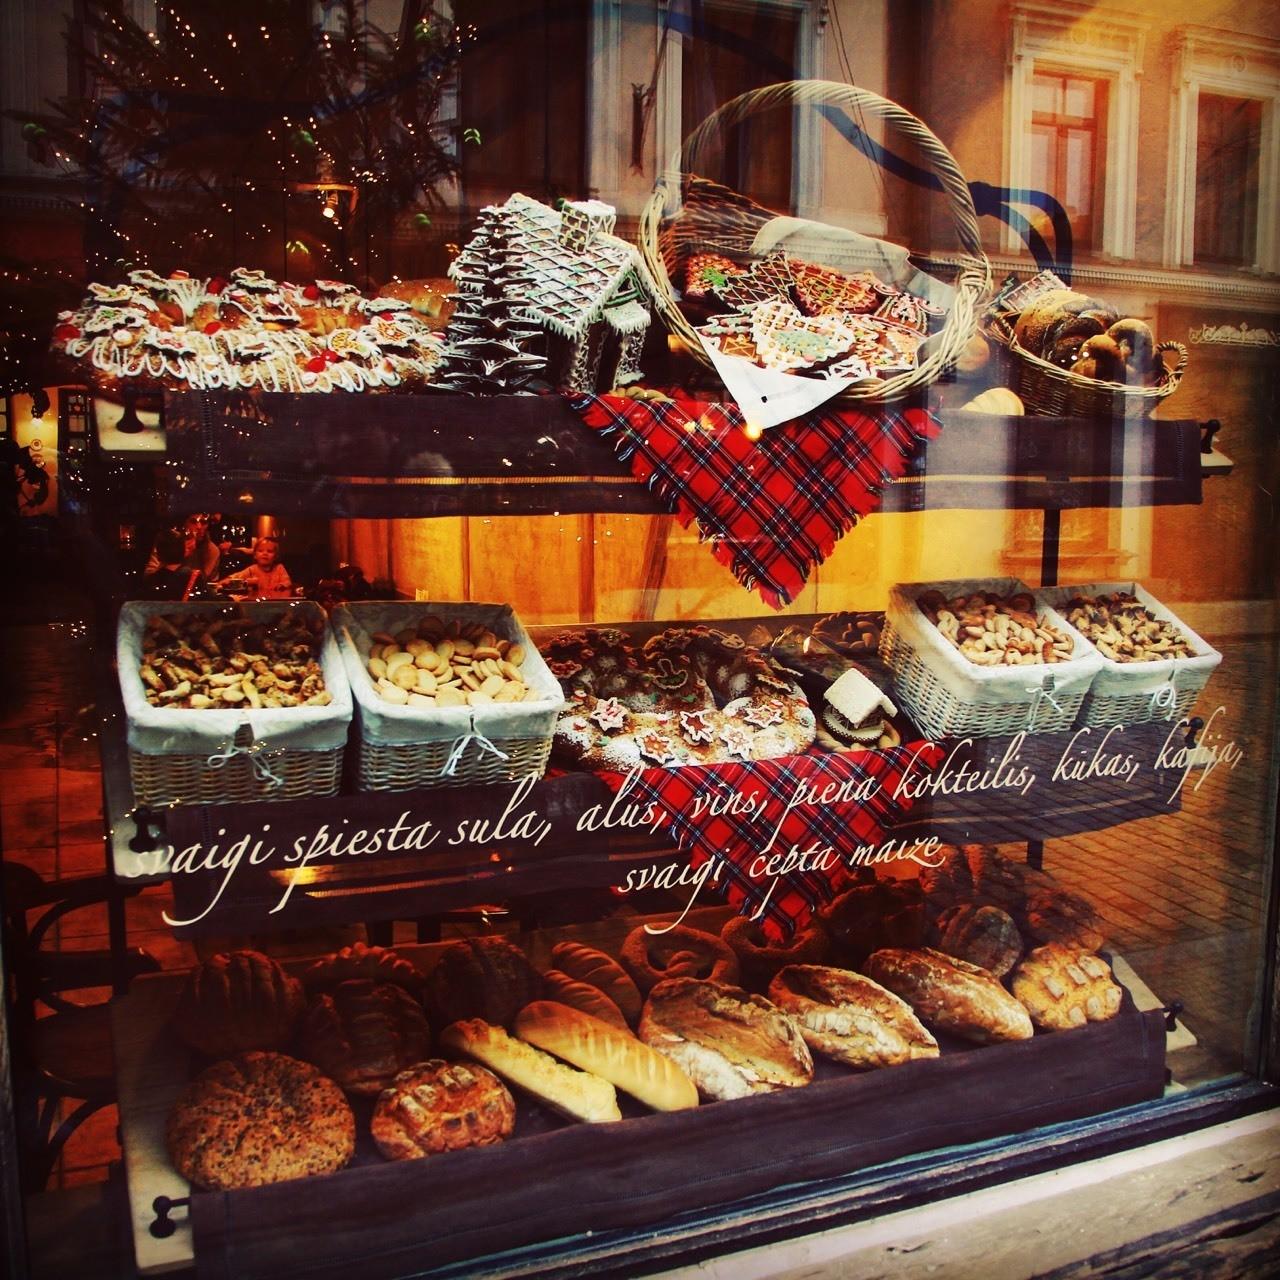 里加🇱🇻的甜品店,做工精细,而且超级好吃